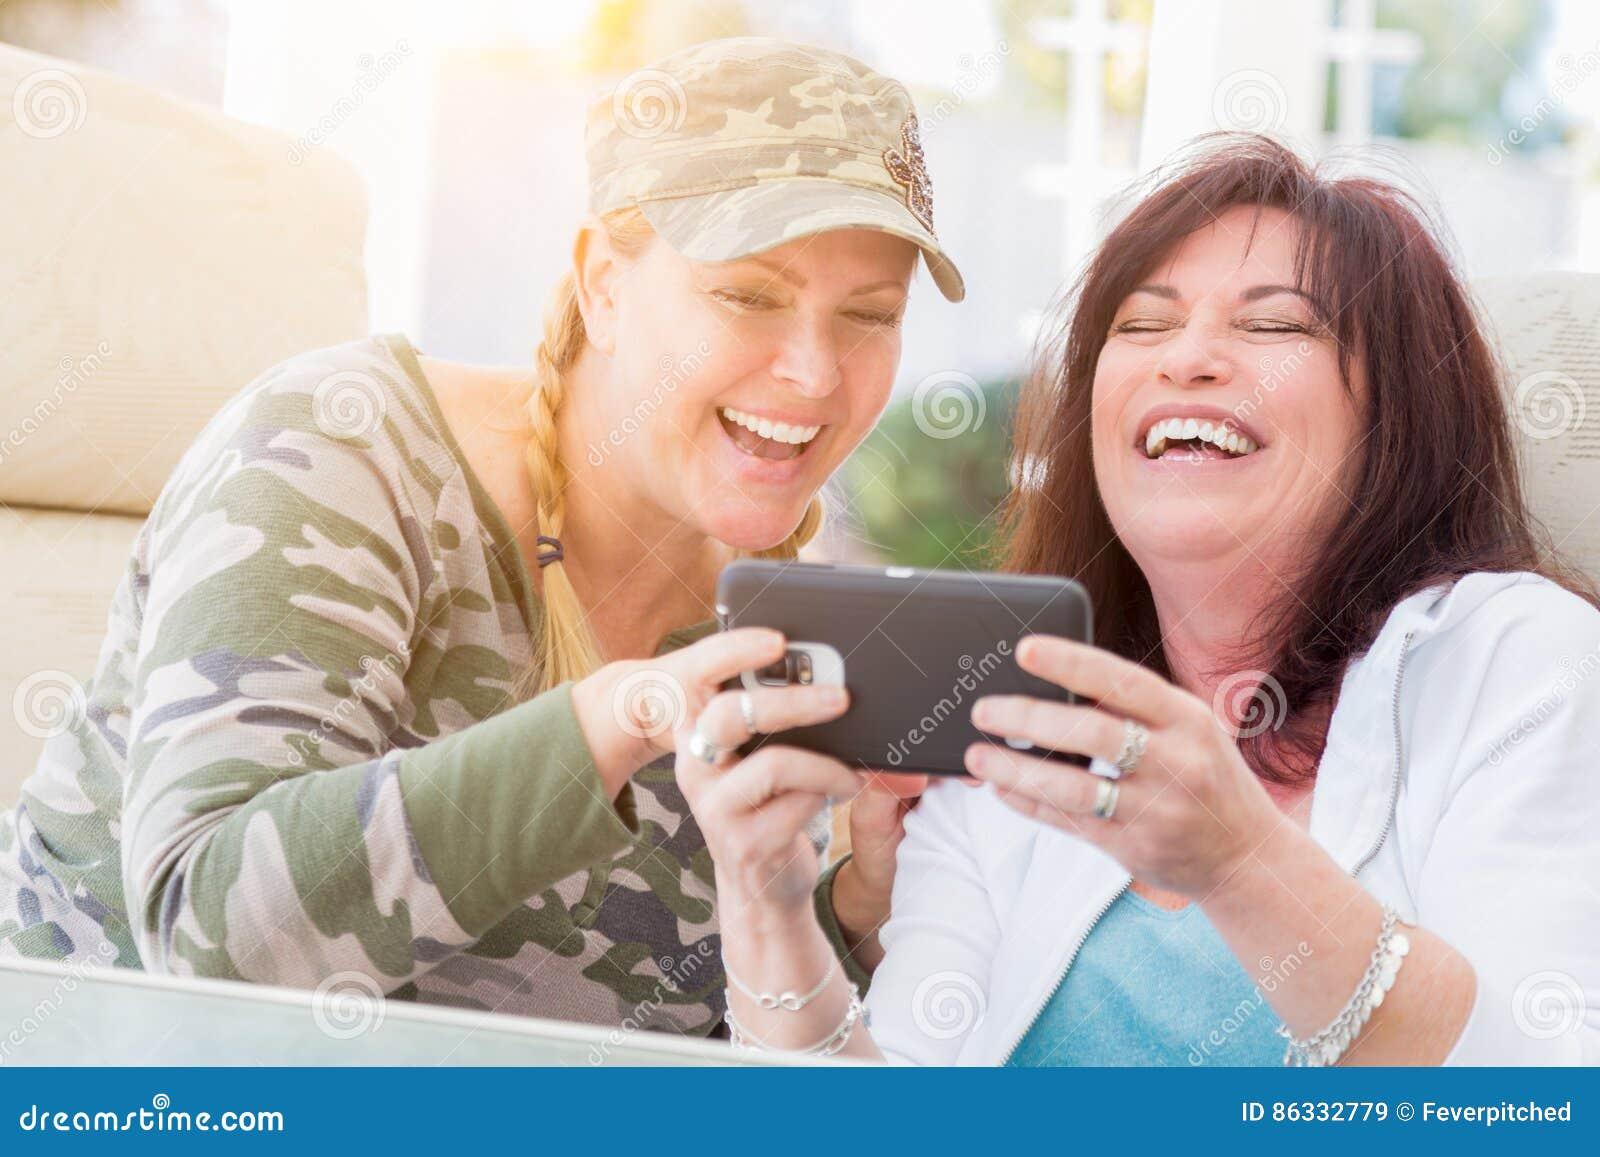 Twee Vrouwelijke Vrienden lachen terwijl het Gebruiken van een Slimme Telefoon